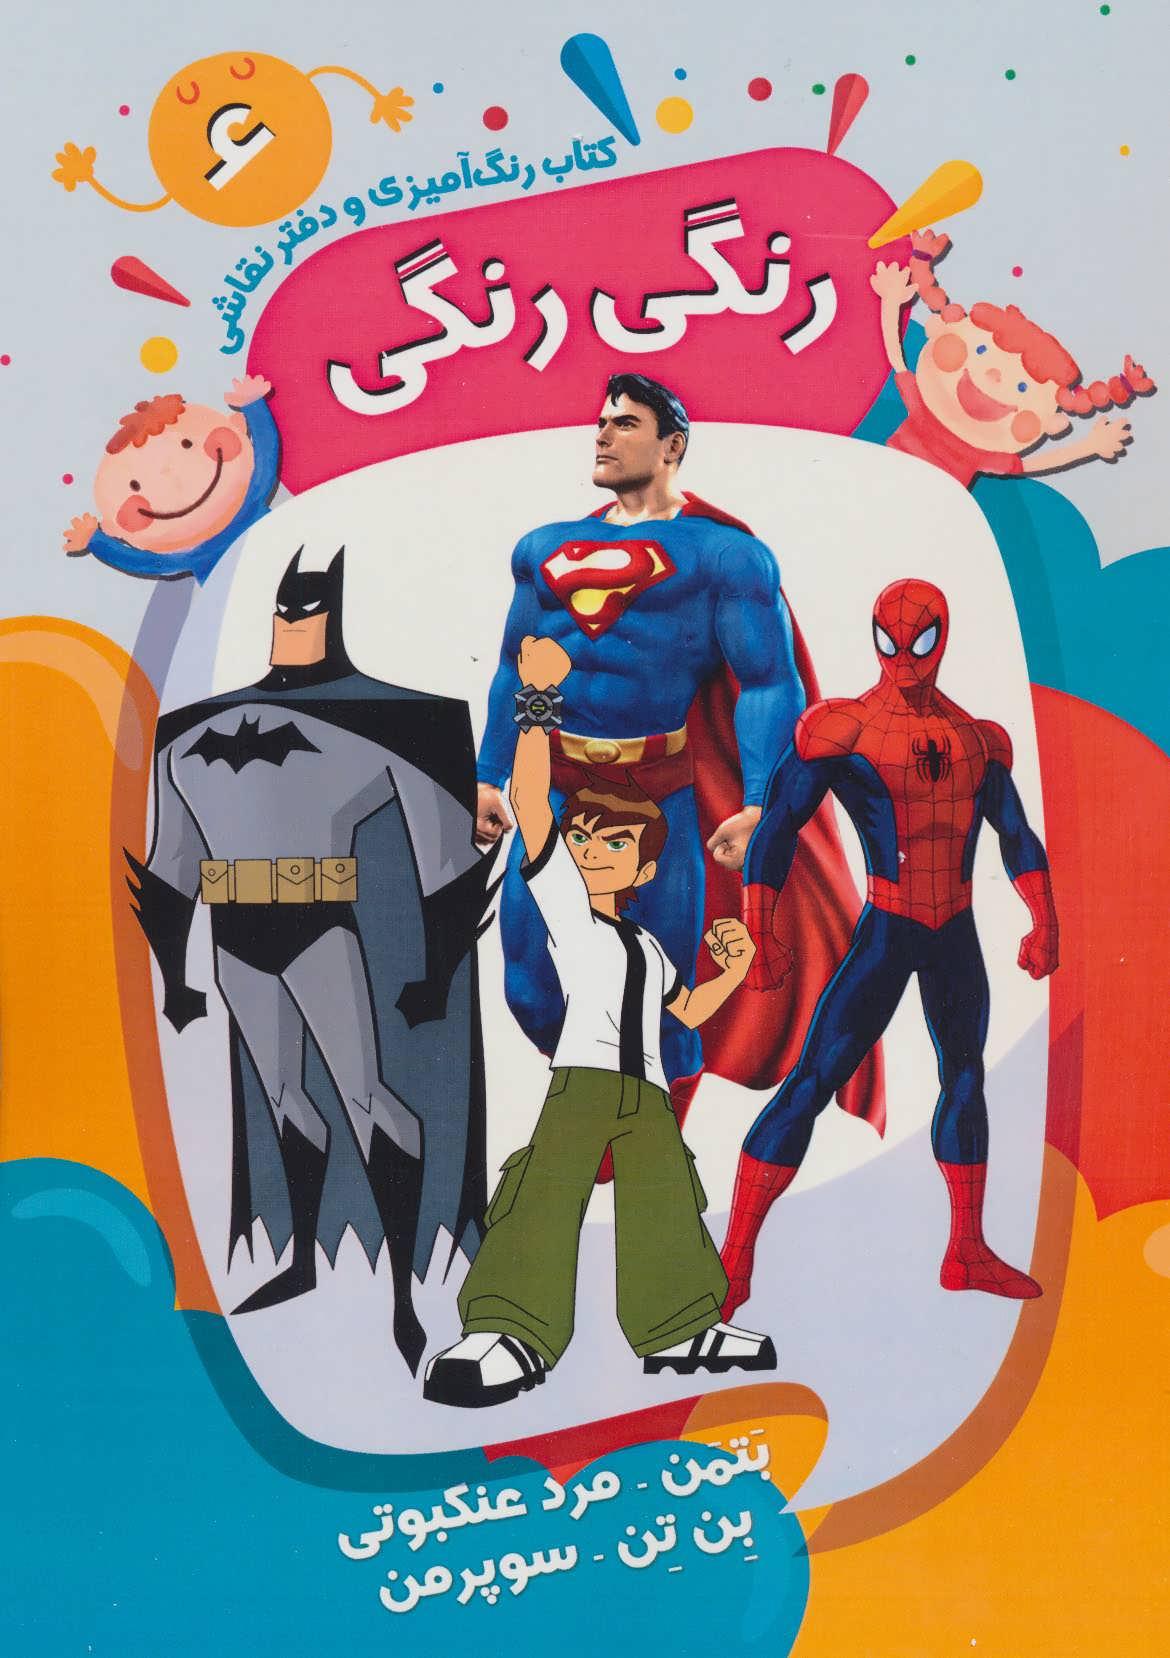 کتاب رنگ آمیزی و دفتر نقاشی رنگی رنگی 6 (بتمن-مرد عنکبوتی-بن تن-سوپرمن)،(سیمی)